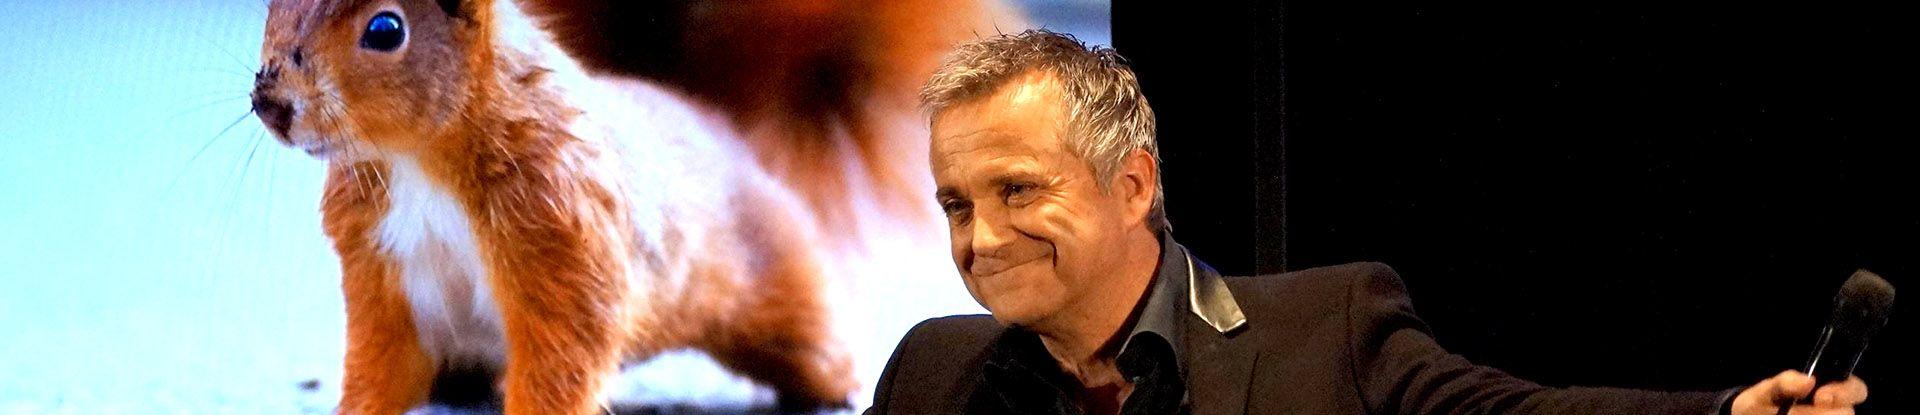 Der Comedian und Entertainer bei seiner Show in Bad Bevensen